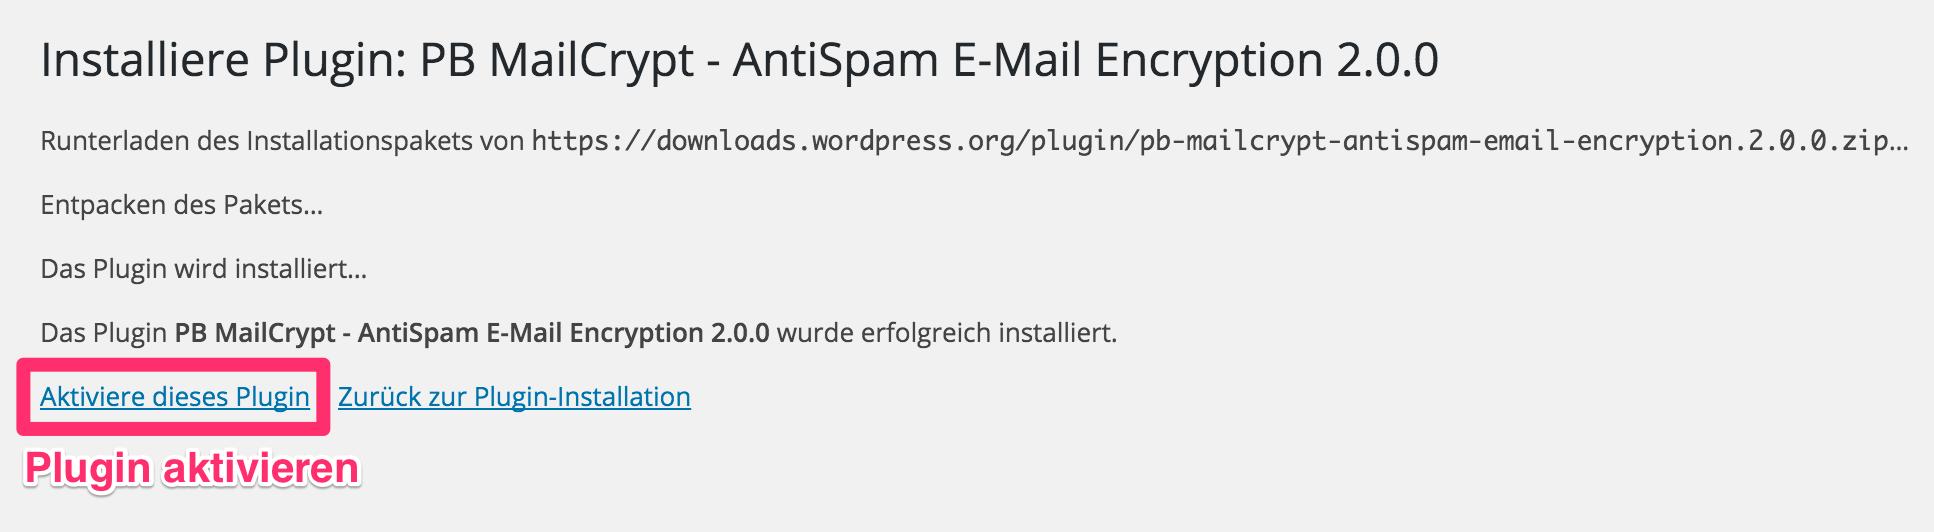 MailCrypt aktivieren